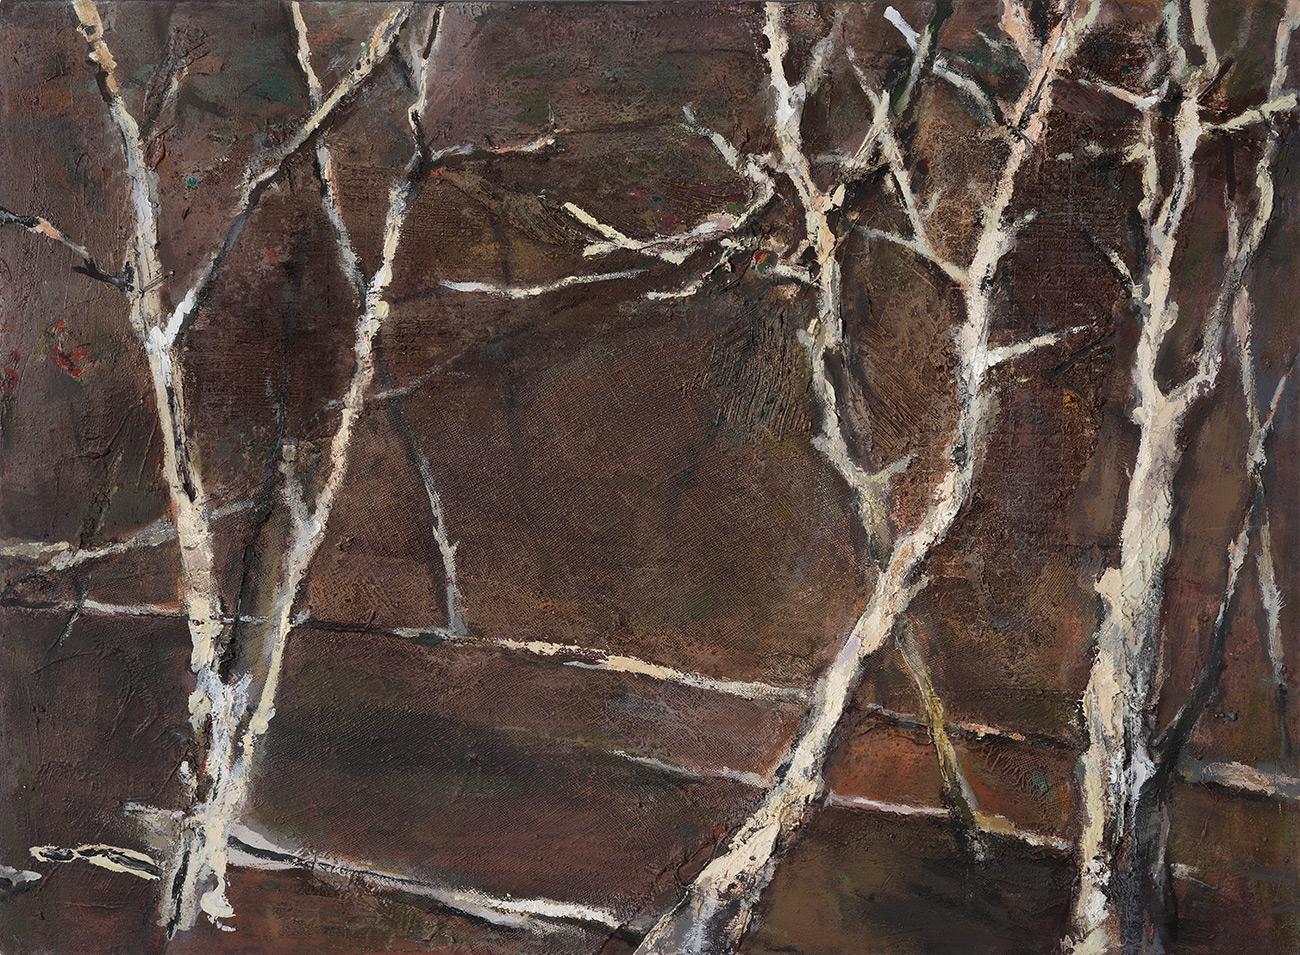 Night Drive Treescape  1998-2012, 91 x 127 cm